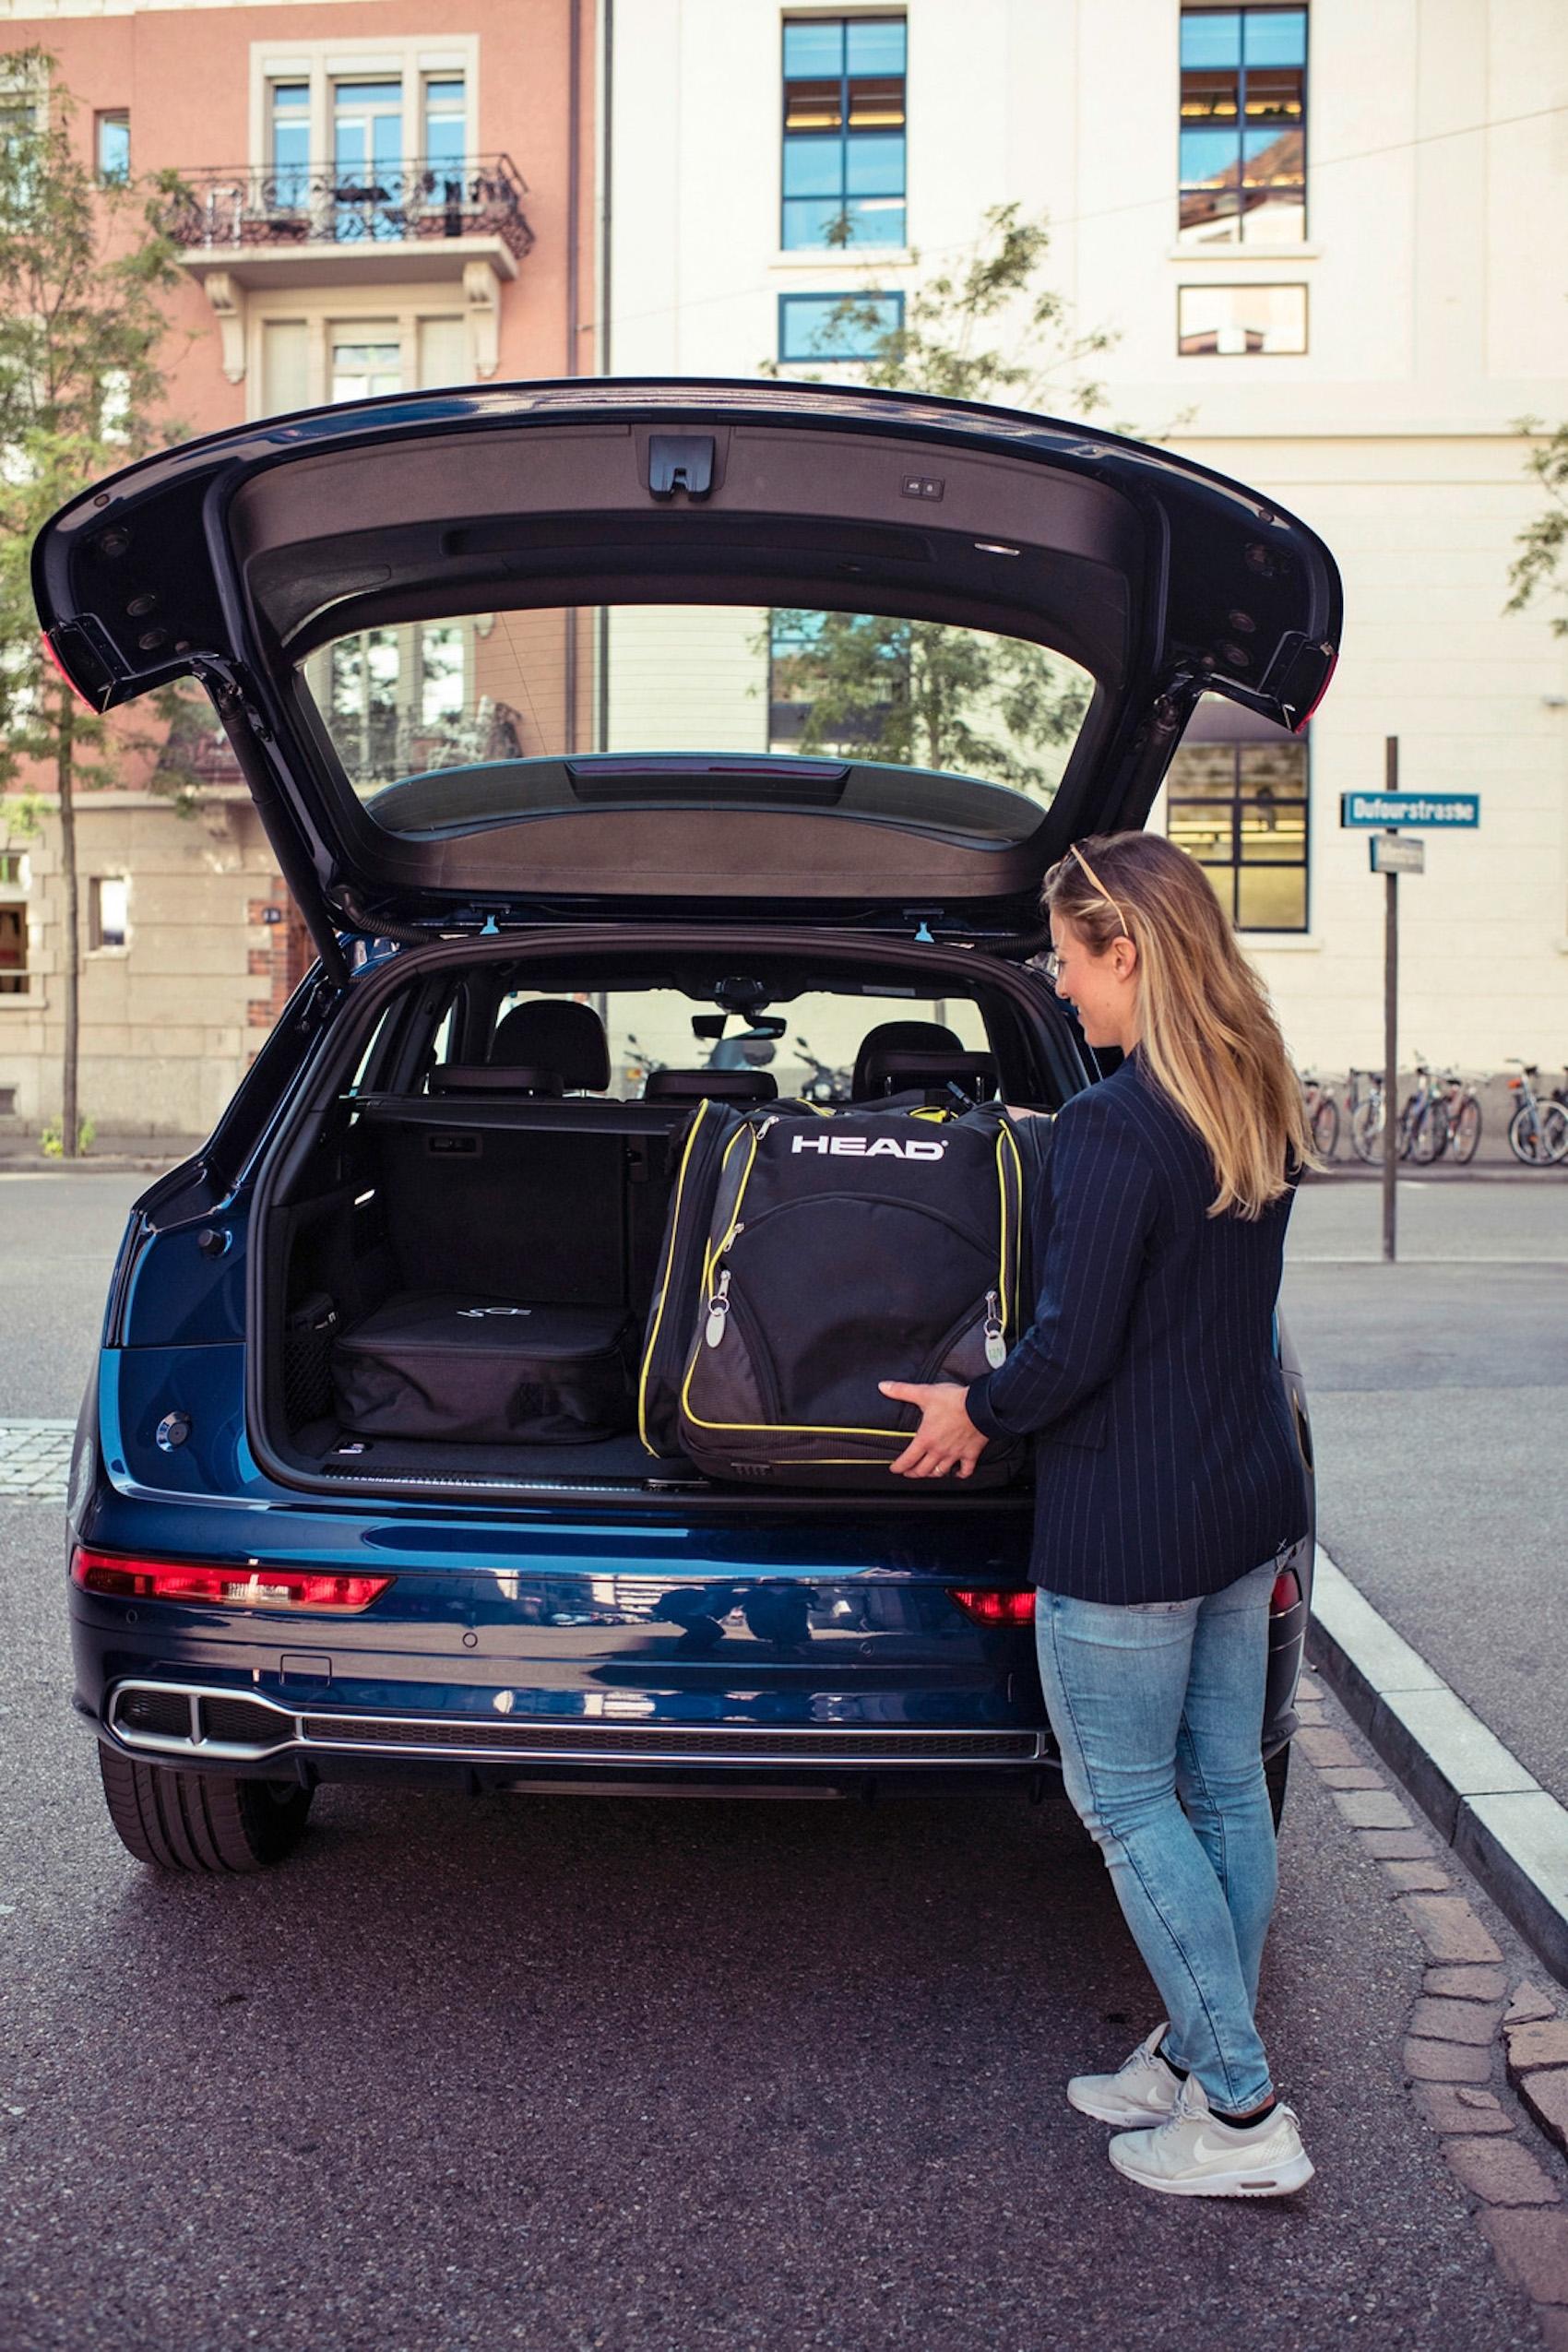 Et pour un grand voyage, le coffre offre un espace généreux pour les bagages.